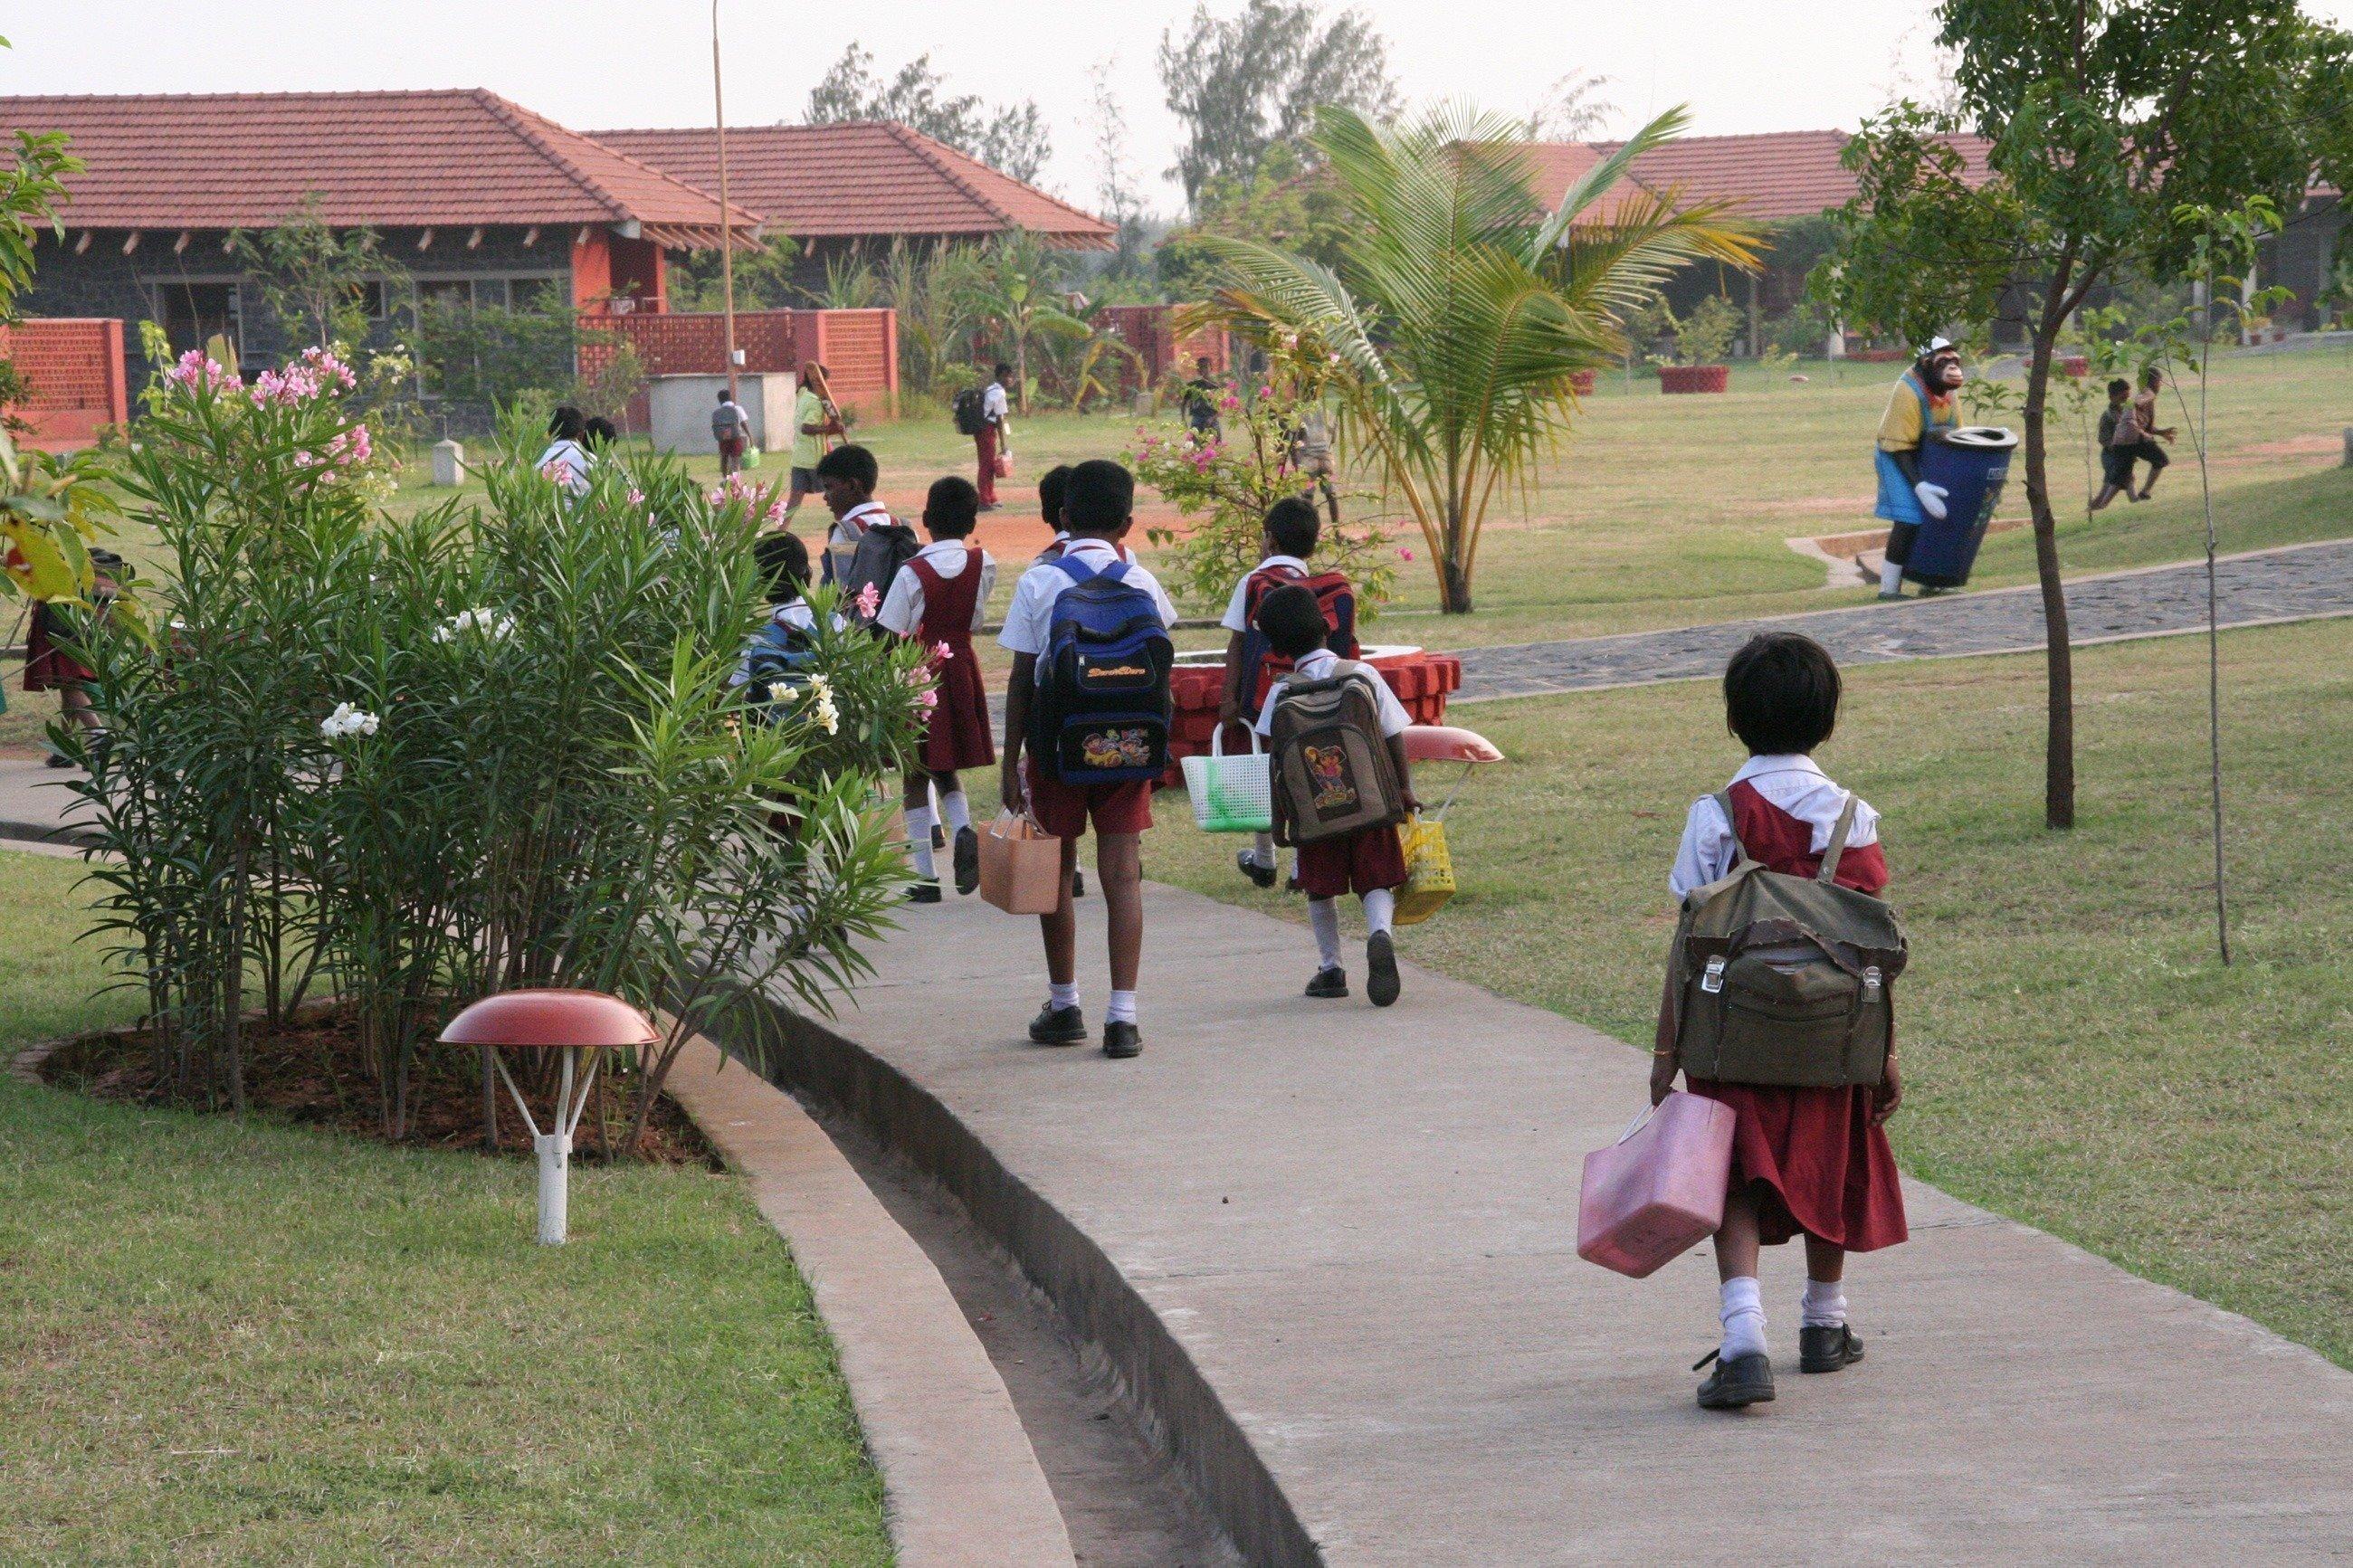 Kinder auf dem Weg in die Schule.